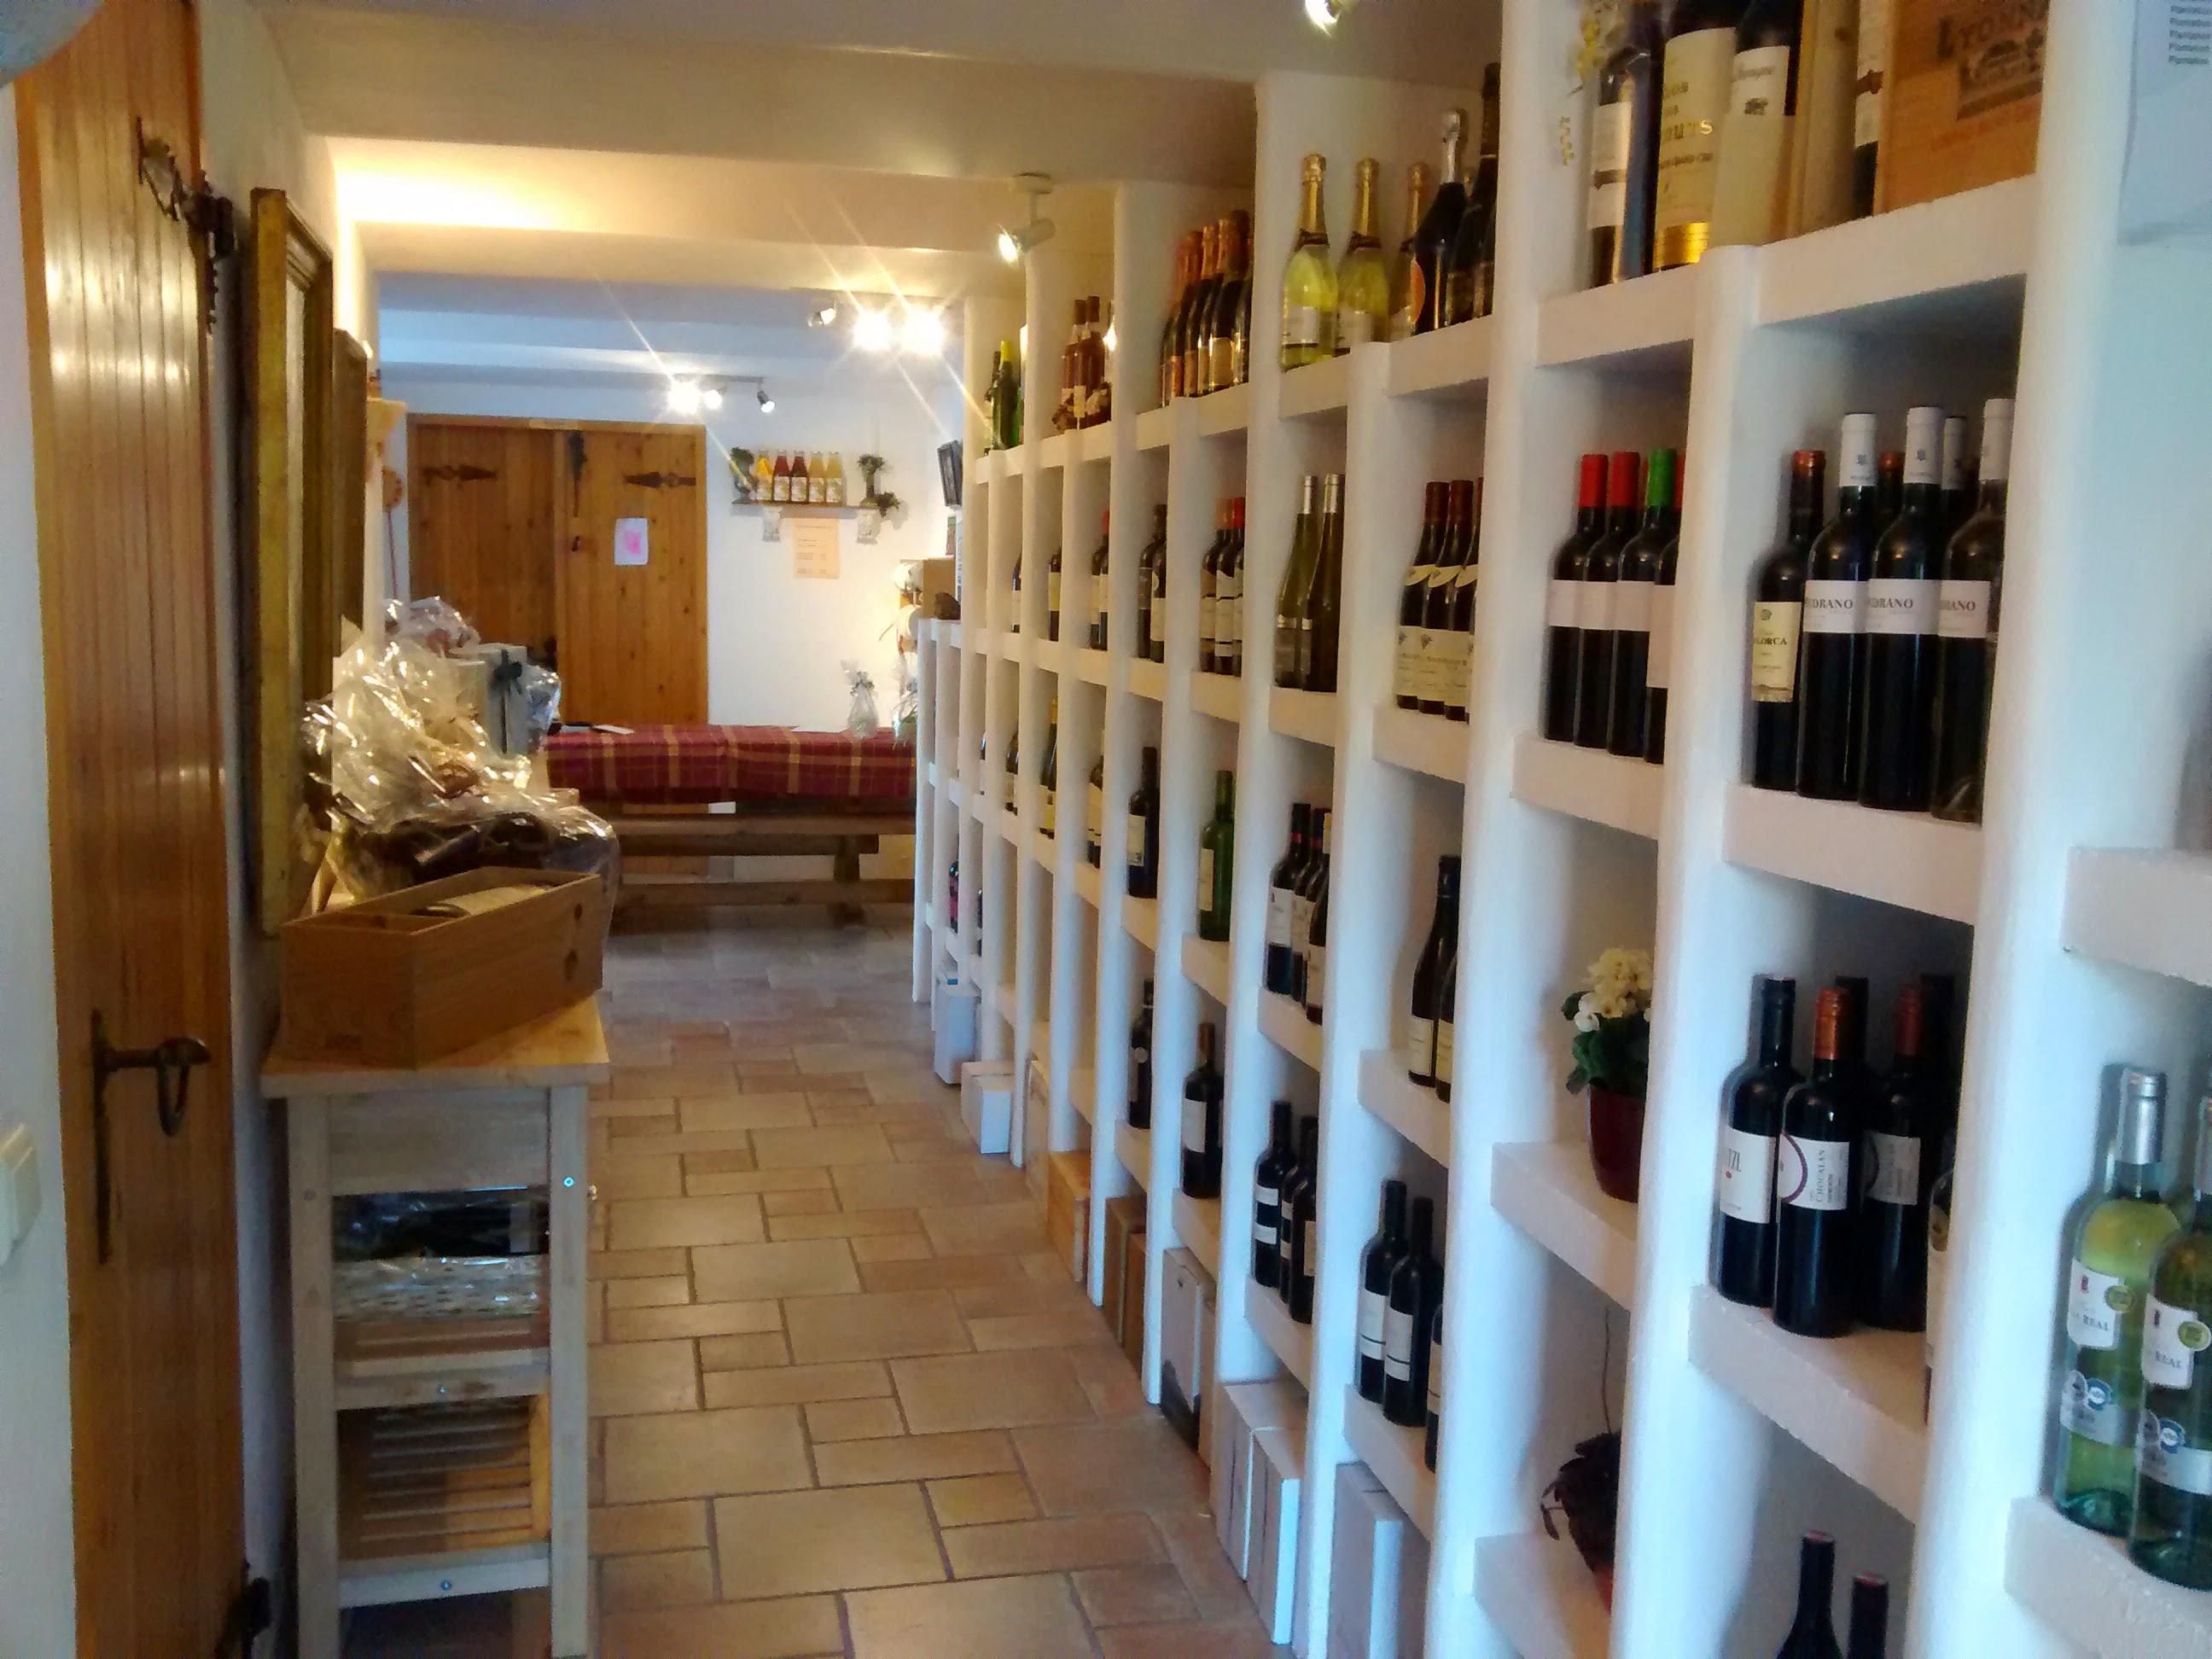 http://www.wijnendeprez.be/wp-content/uploads/2014/12/IMG_20141214_111820778.jpg